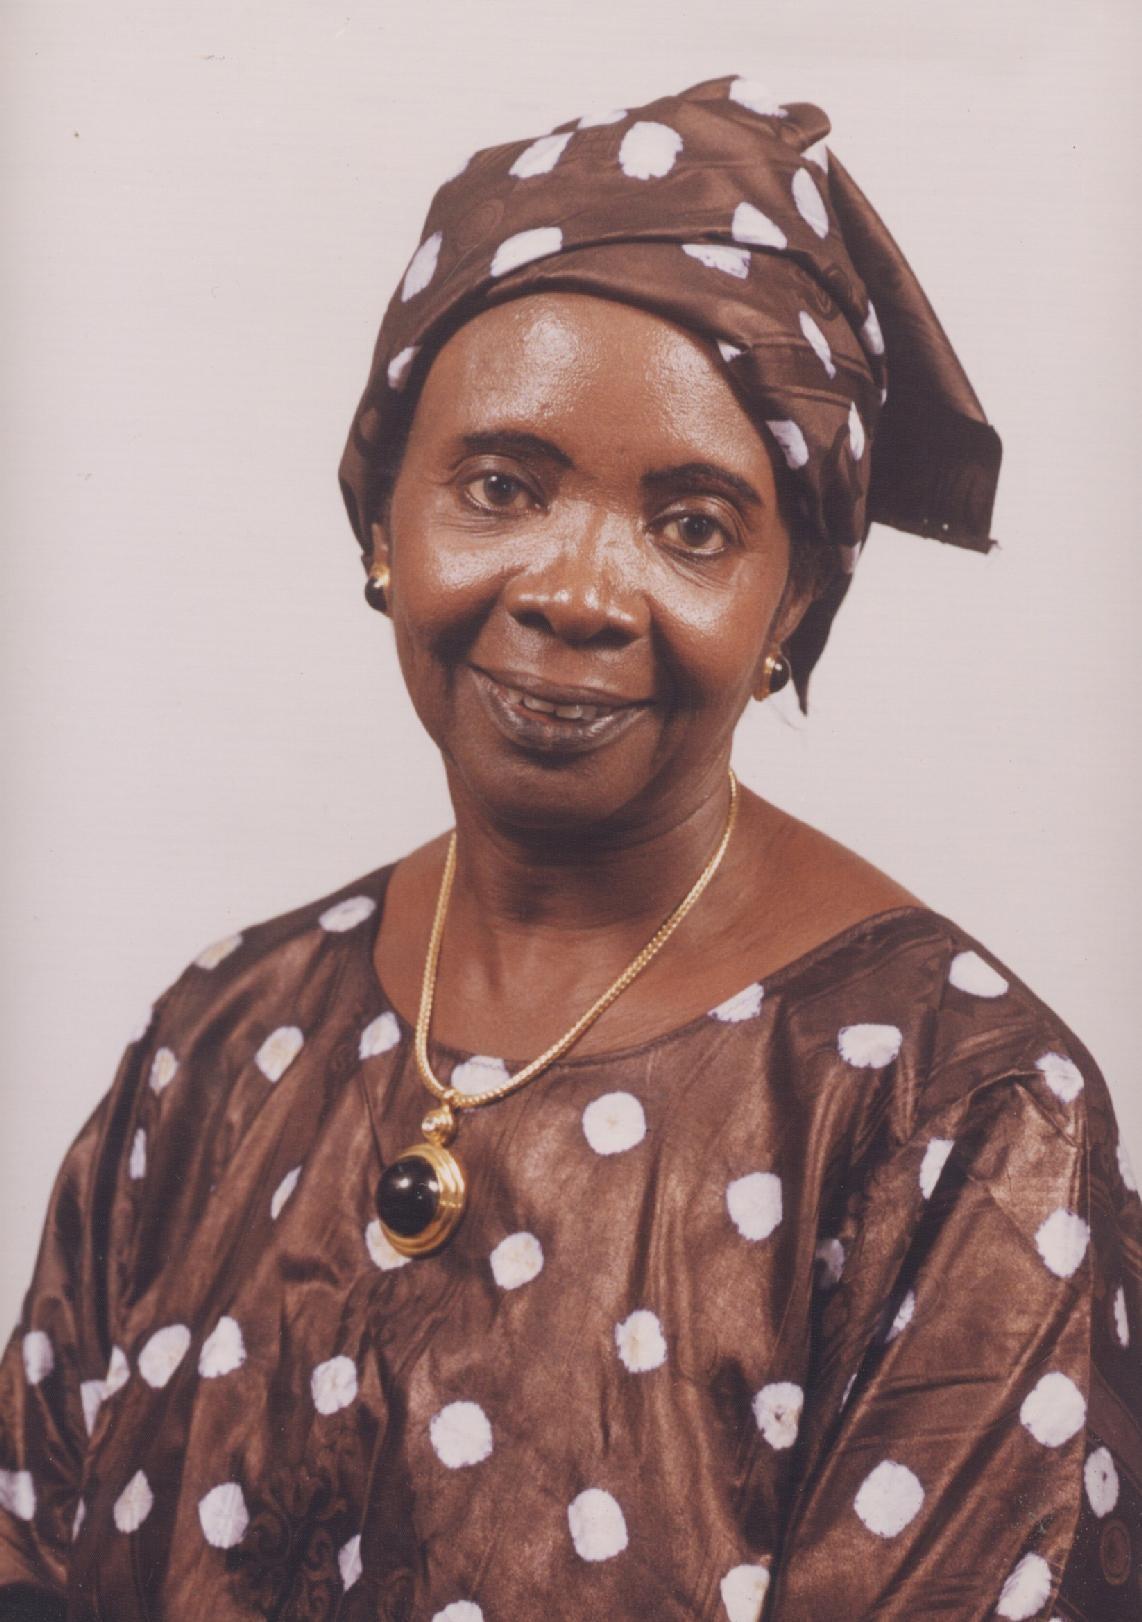 الكاتبة السنغالية أميناتا ساو فال